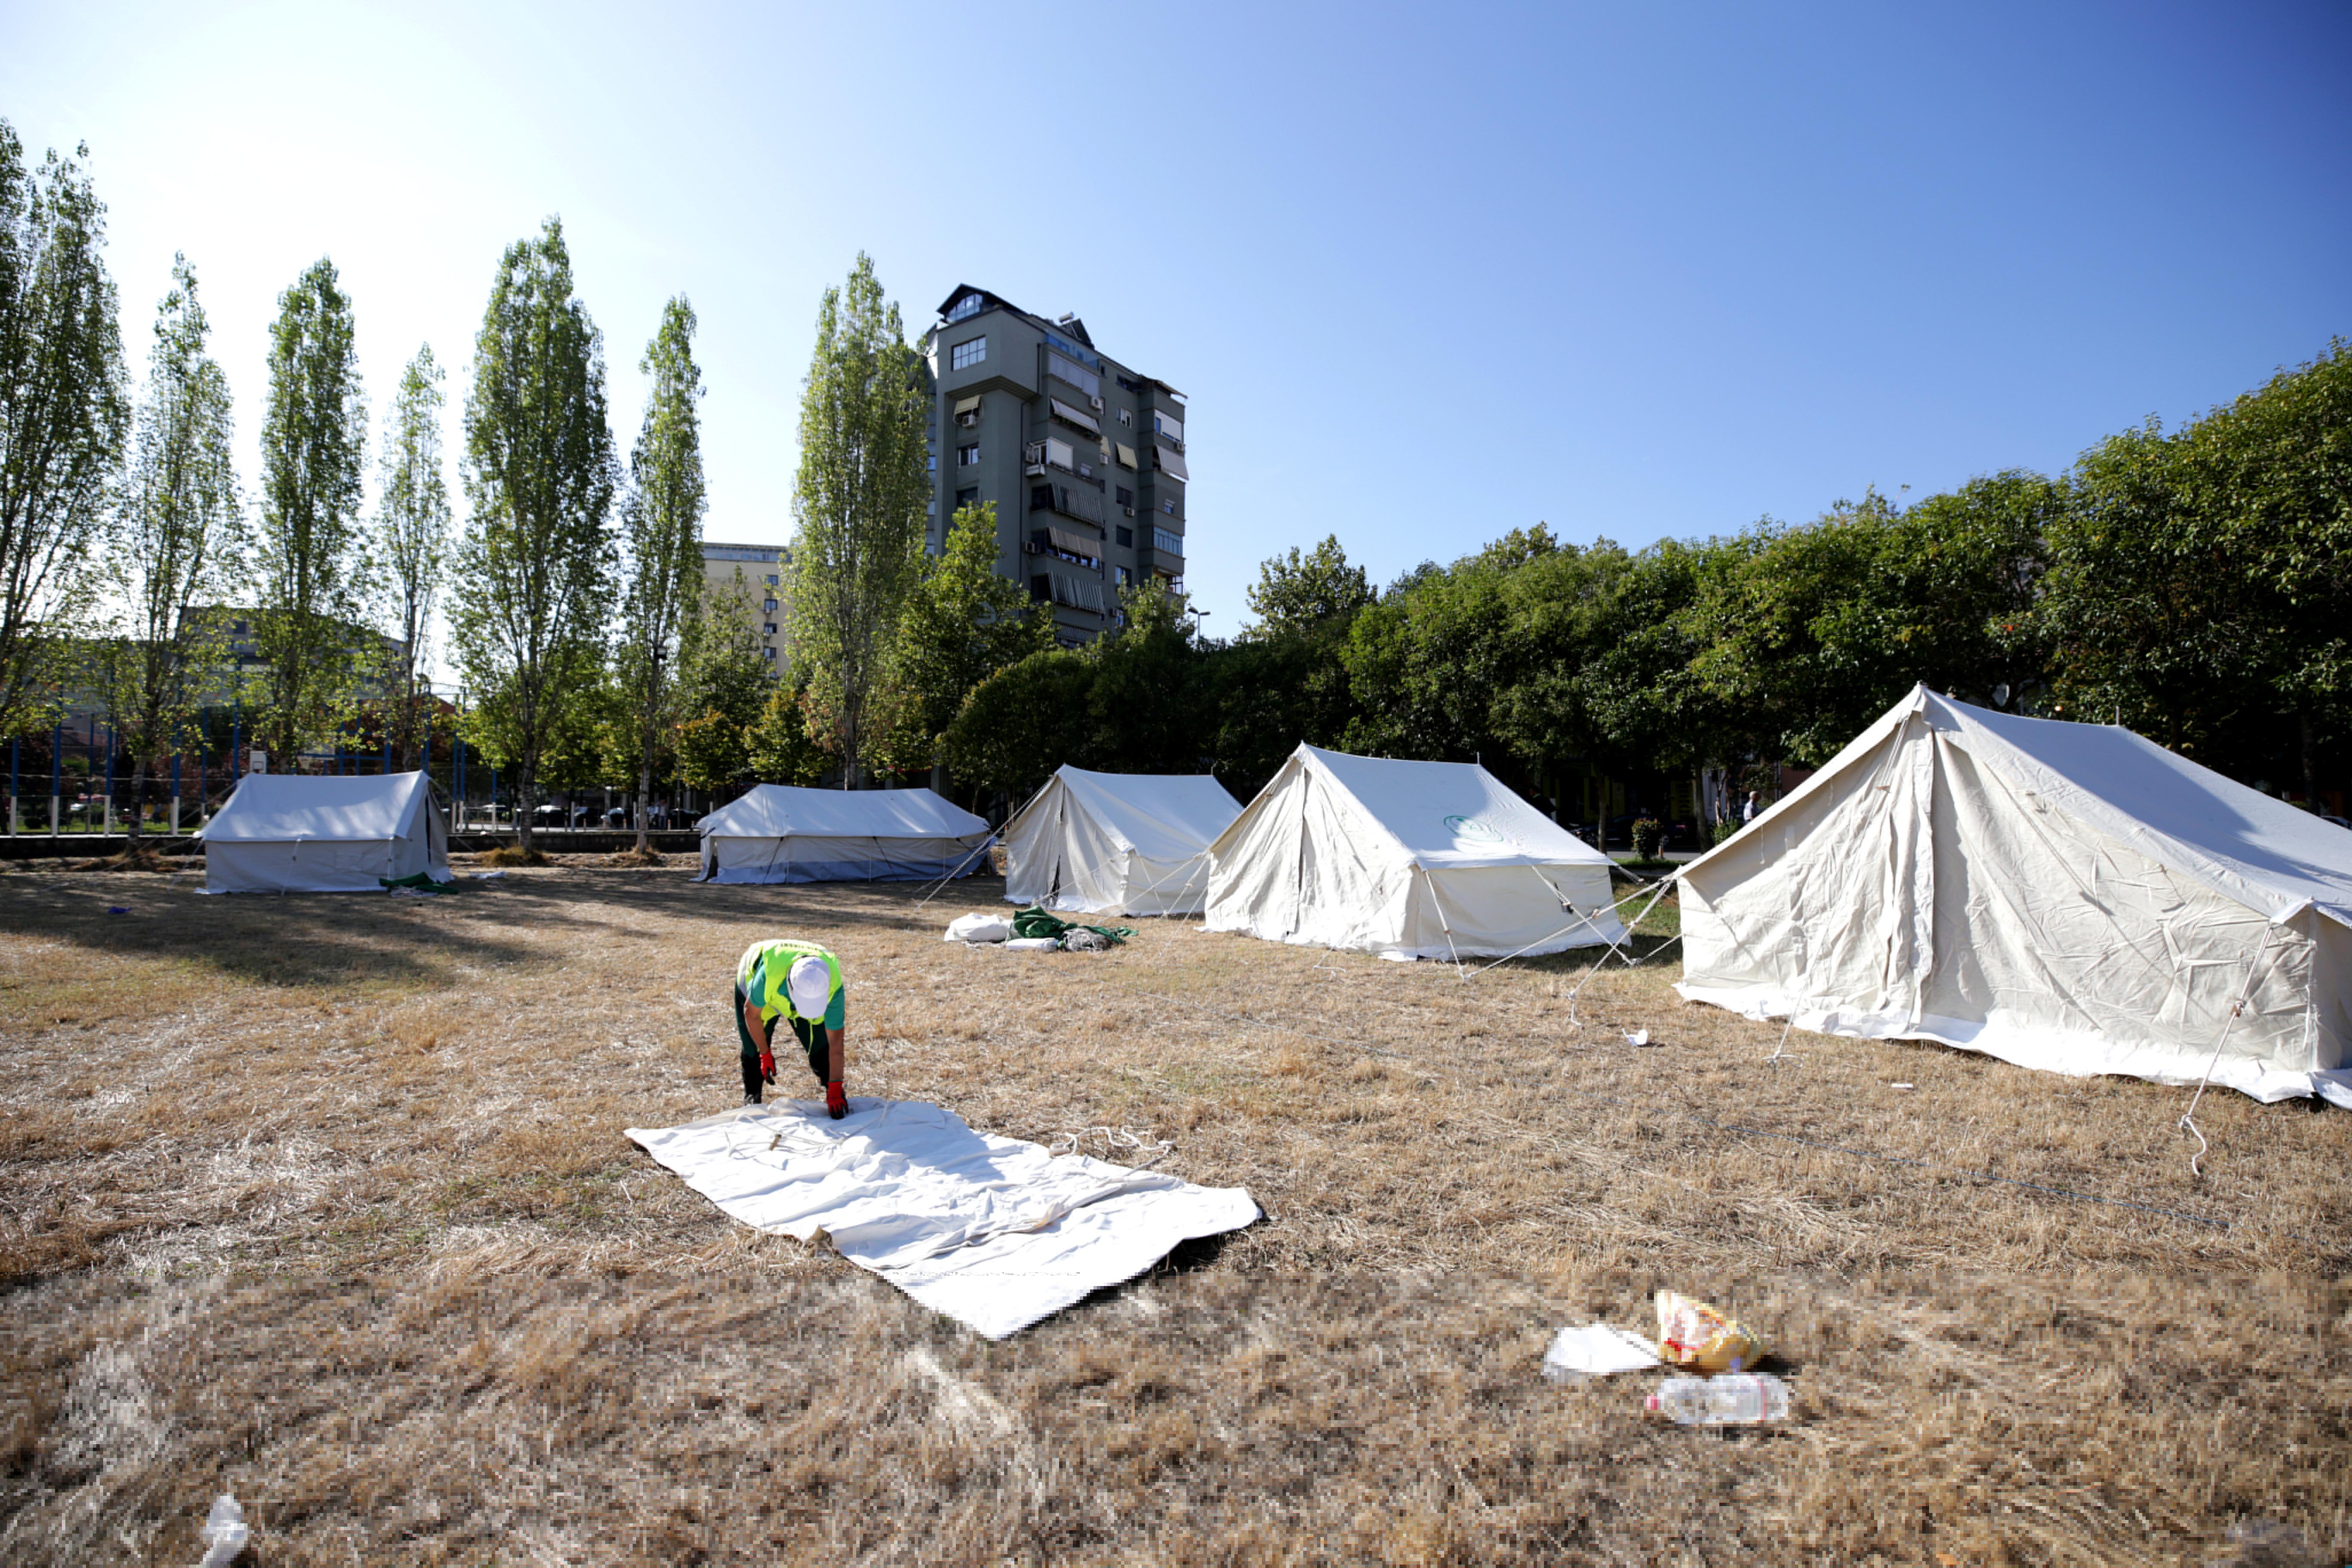 Ανθρωπιστική βοήθεια από την Ελλάδα στην Αλβανία